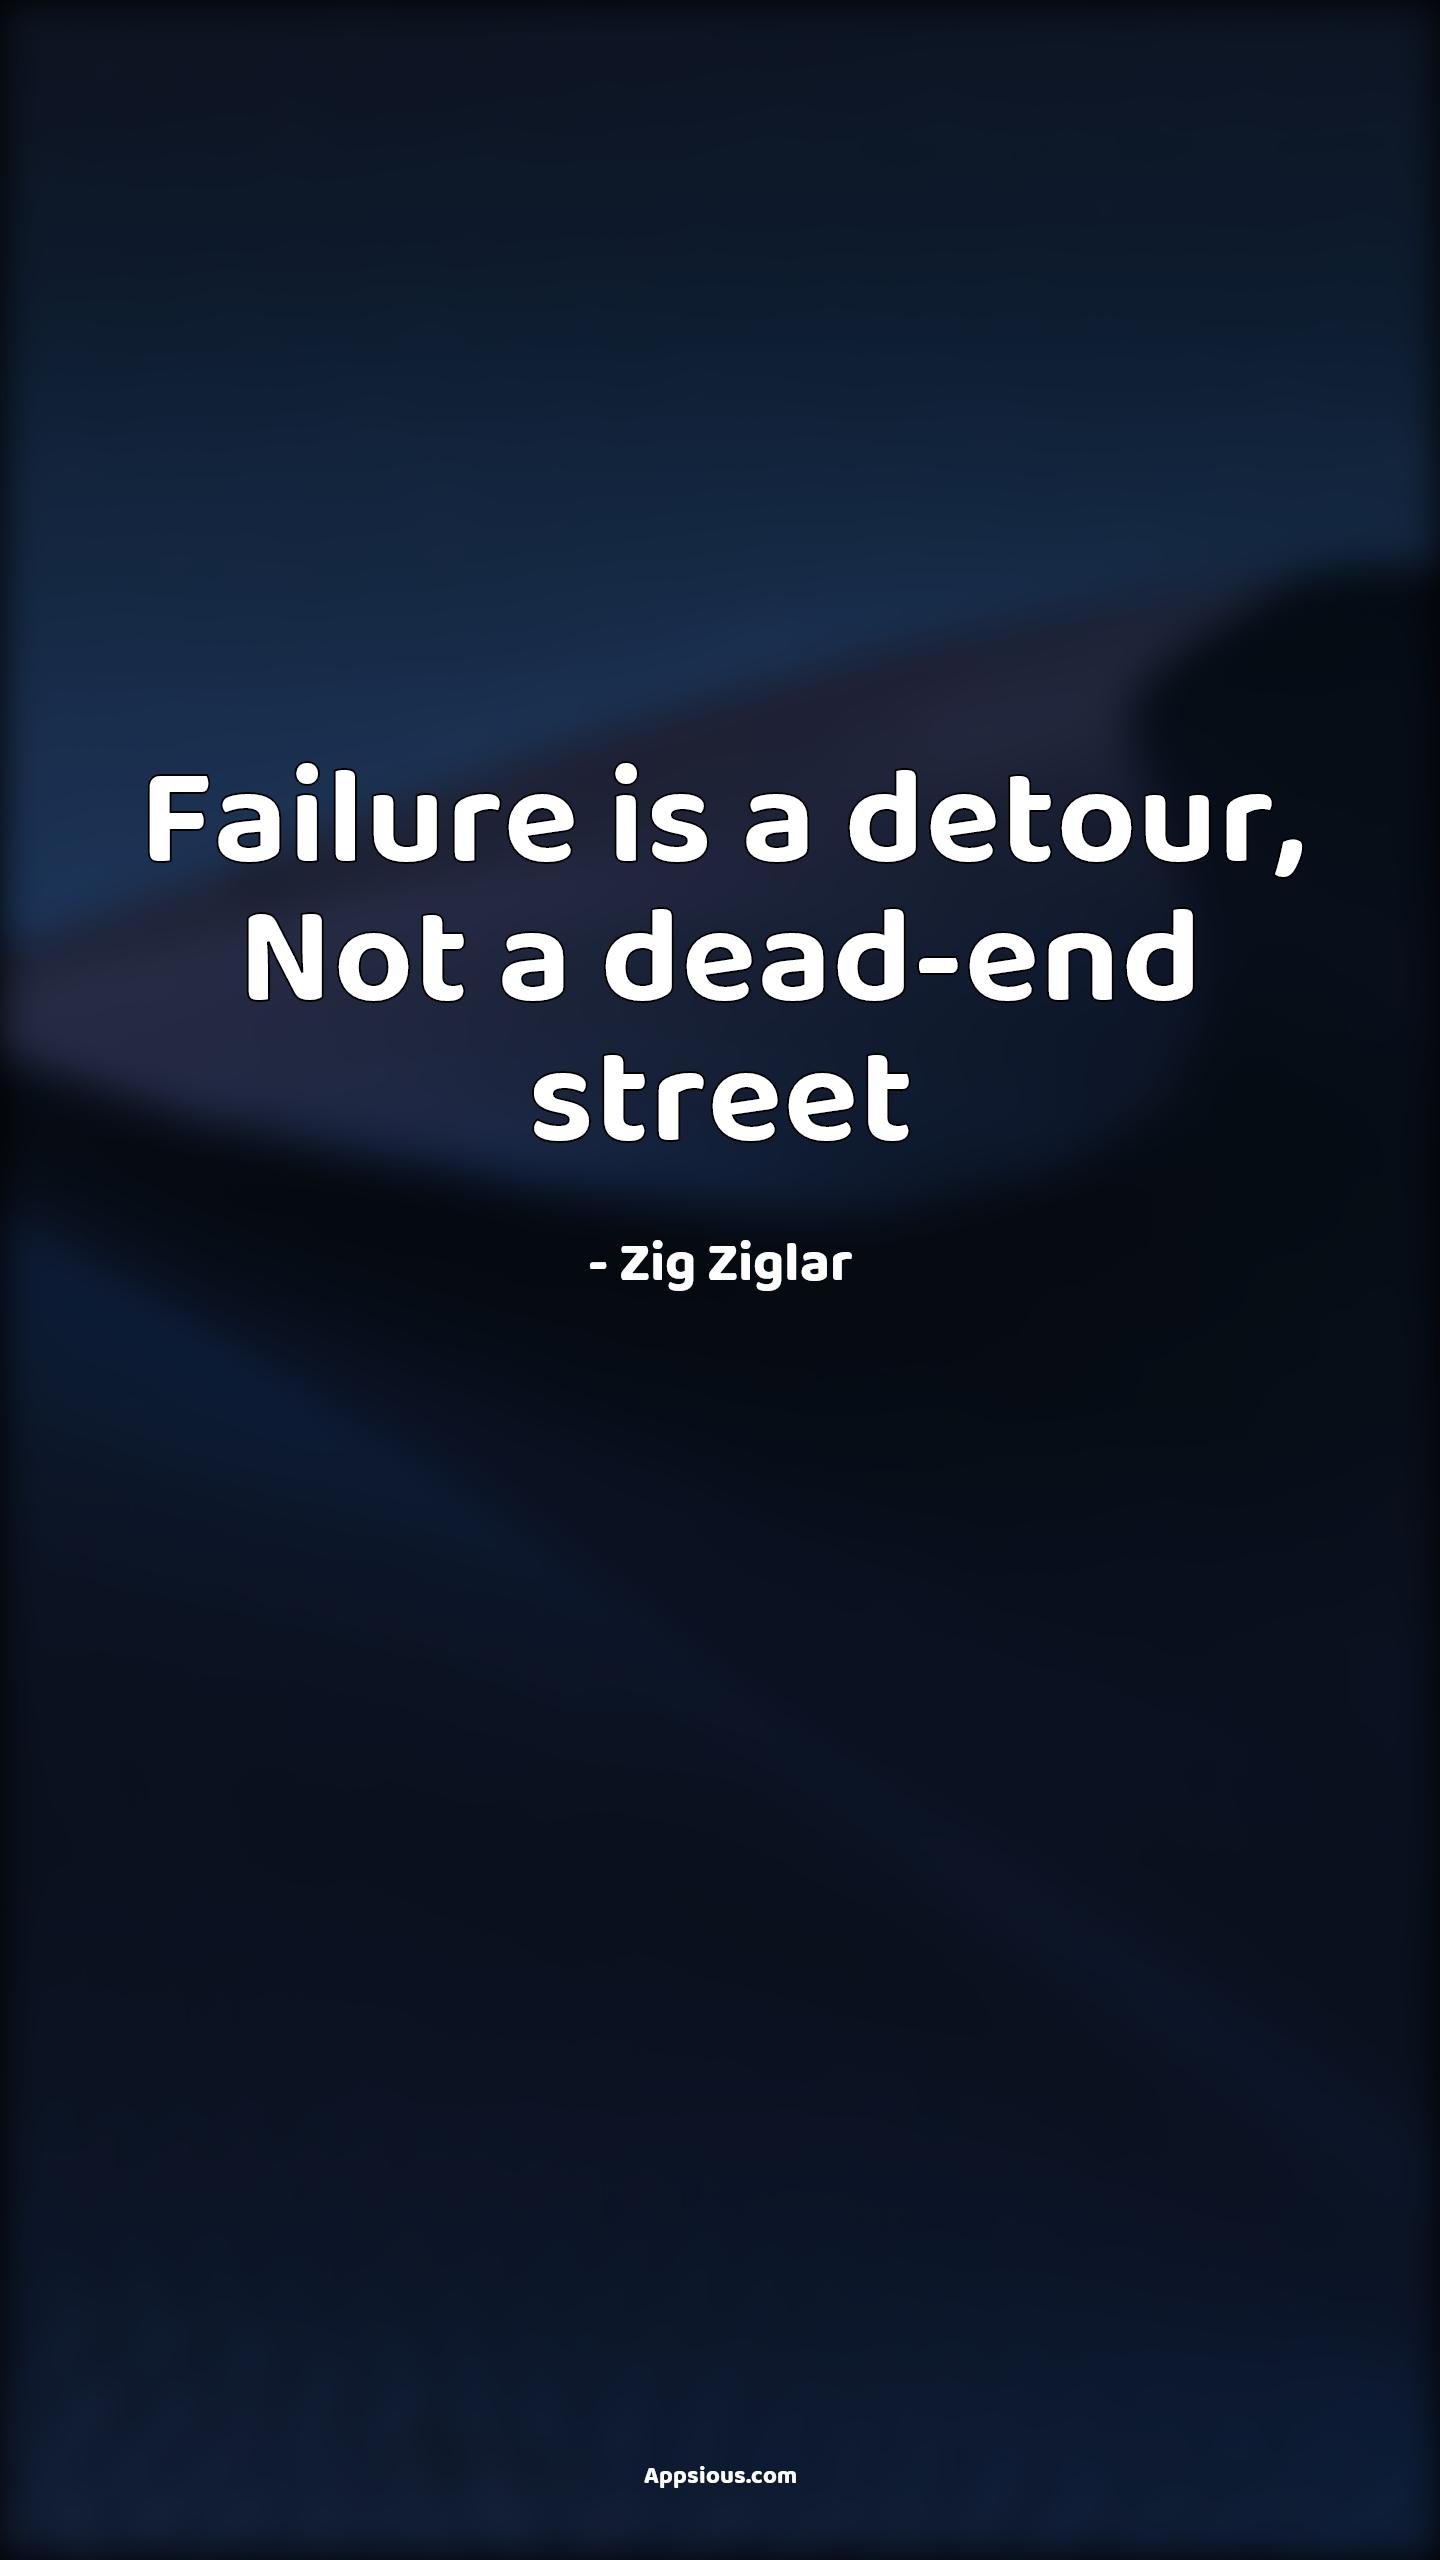 Failure is a detour, Not a dead-end street